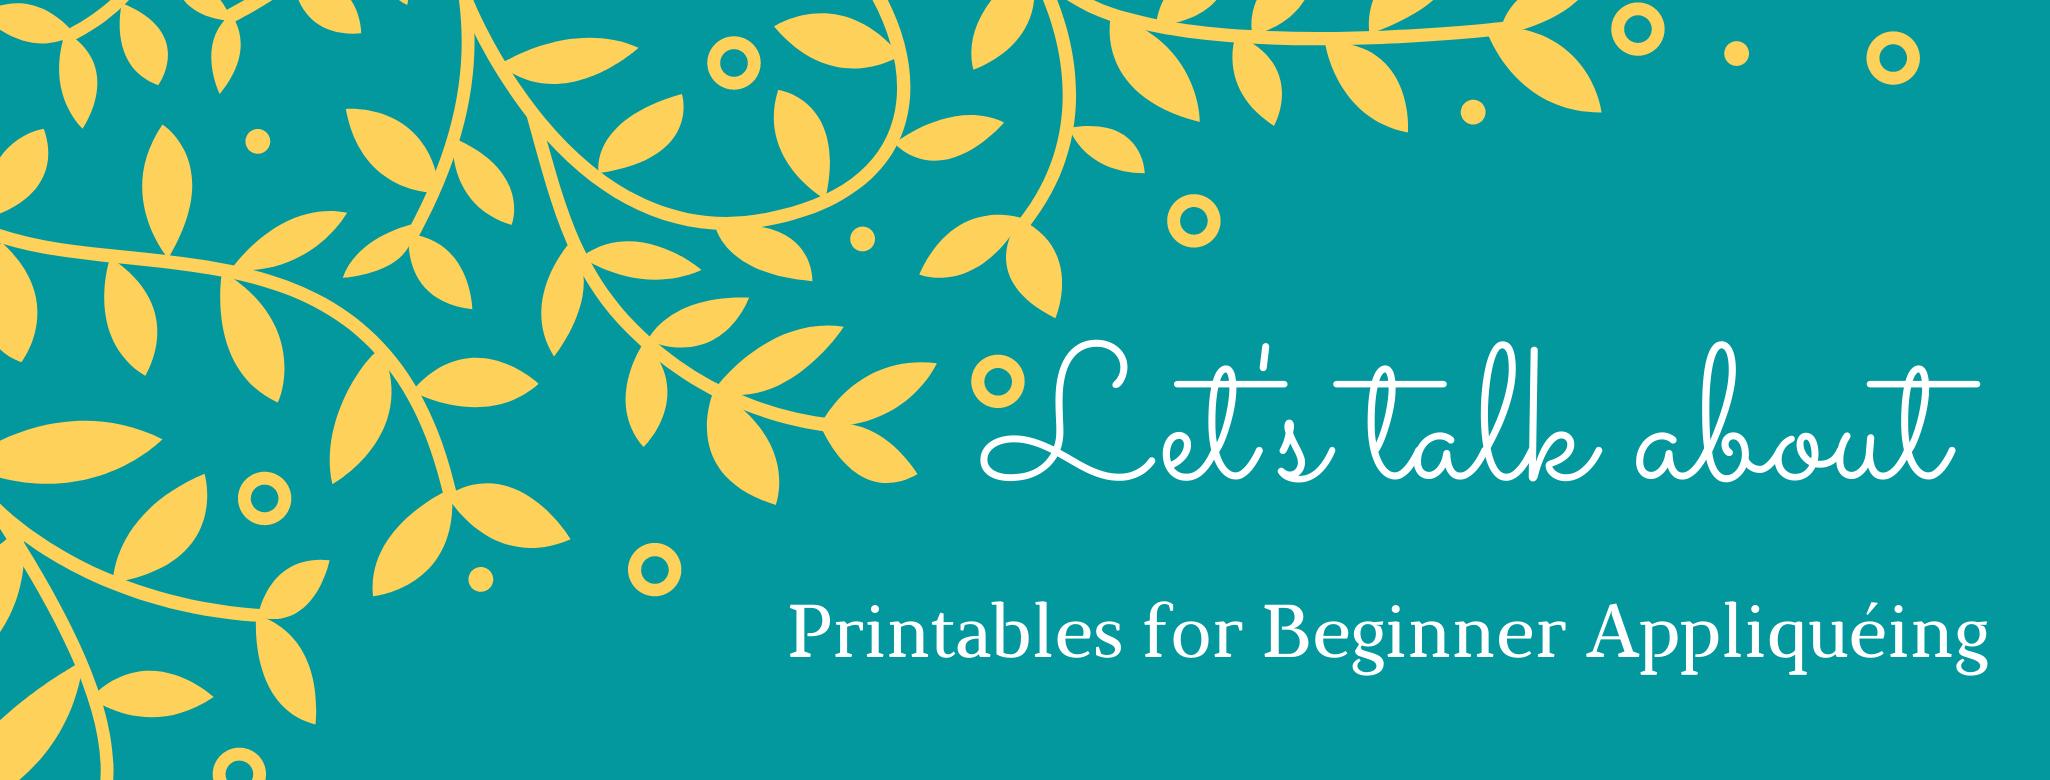 Free Printables for Beginner Appliquéing